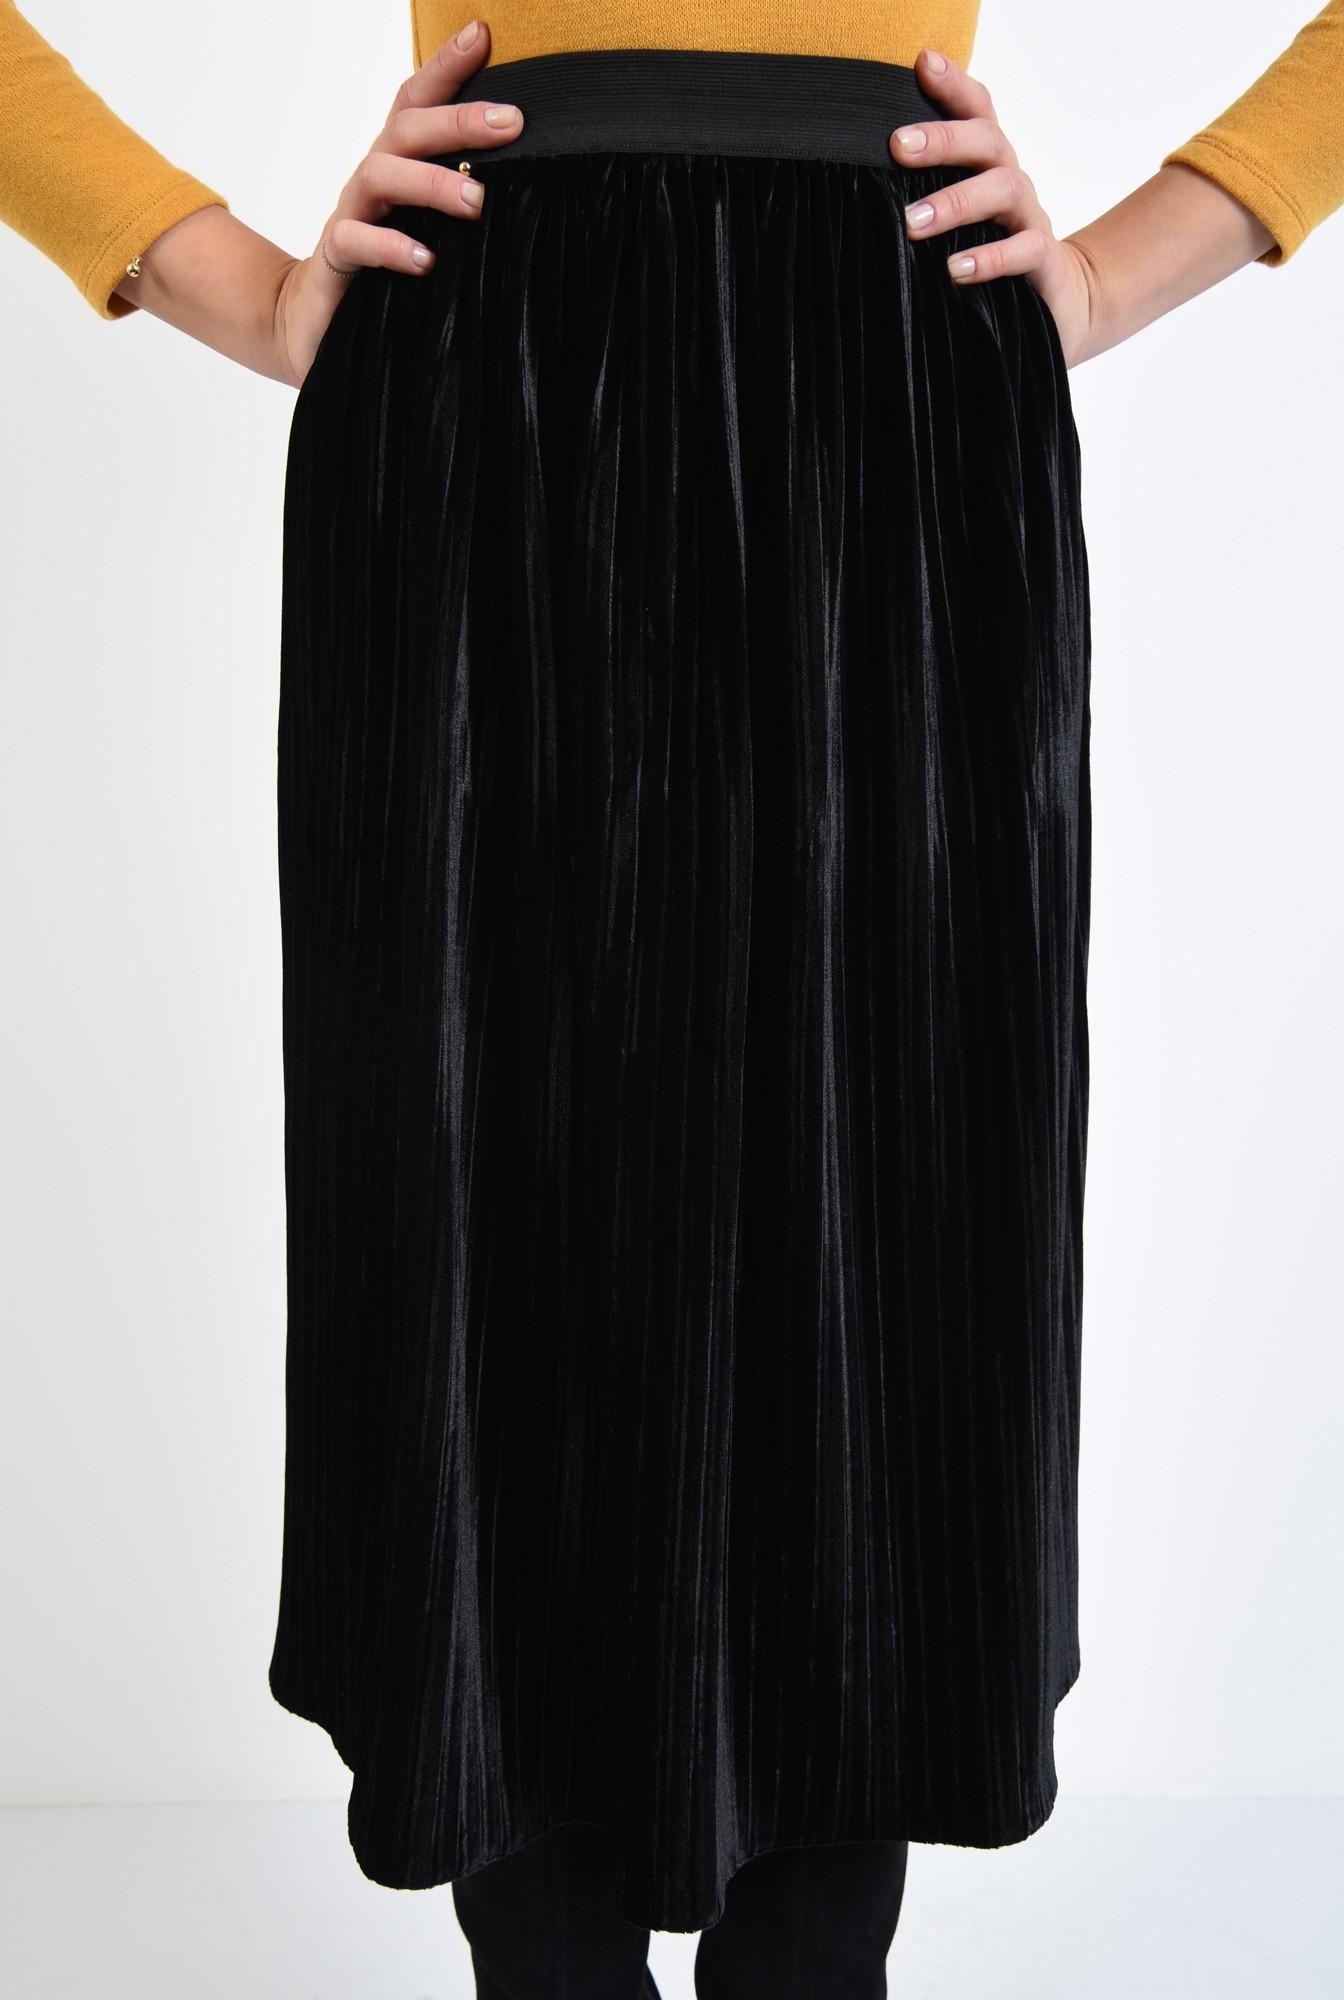 2 - 360 - fusta de ocazie, catifea neagra, croi evazat, cu pliseuri